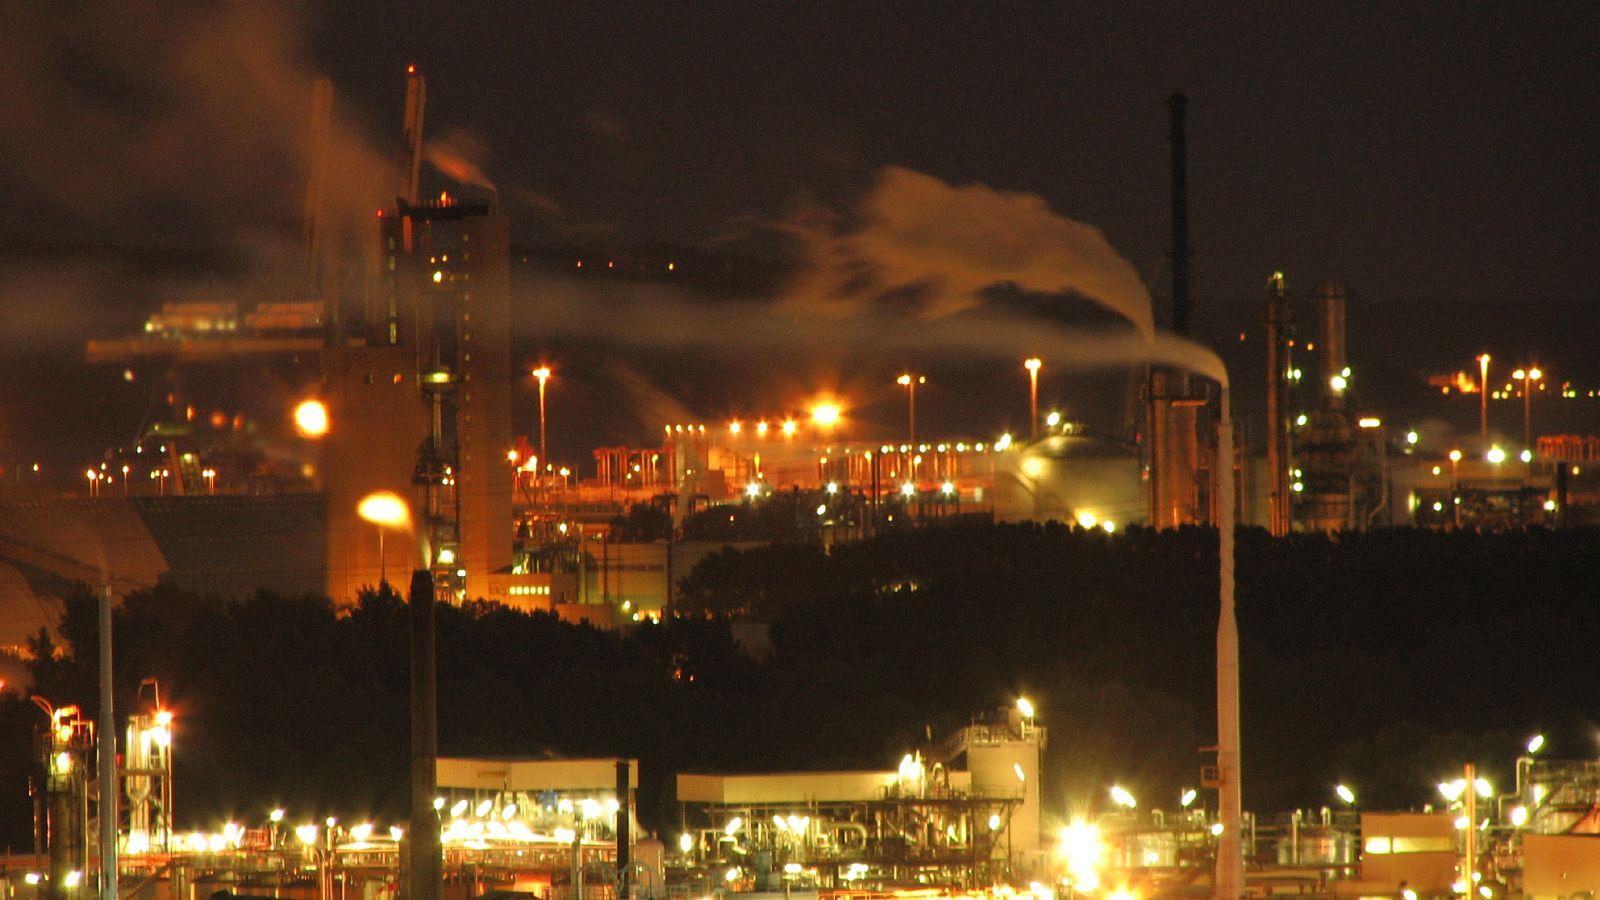 Arbeiter*innen streiken gegen die Schließung einer Erdölraffinerie